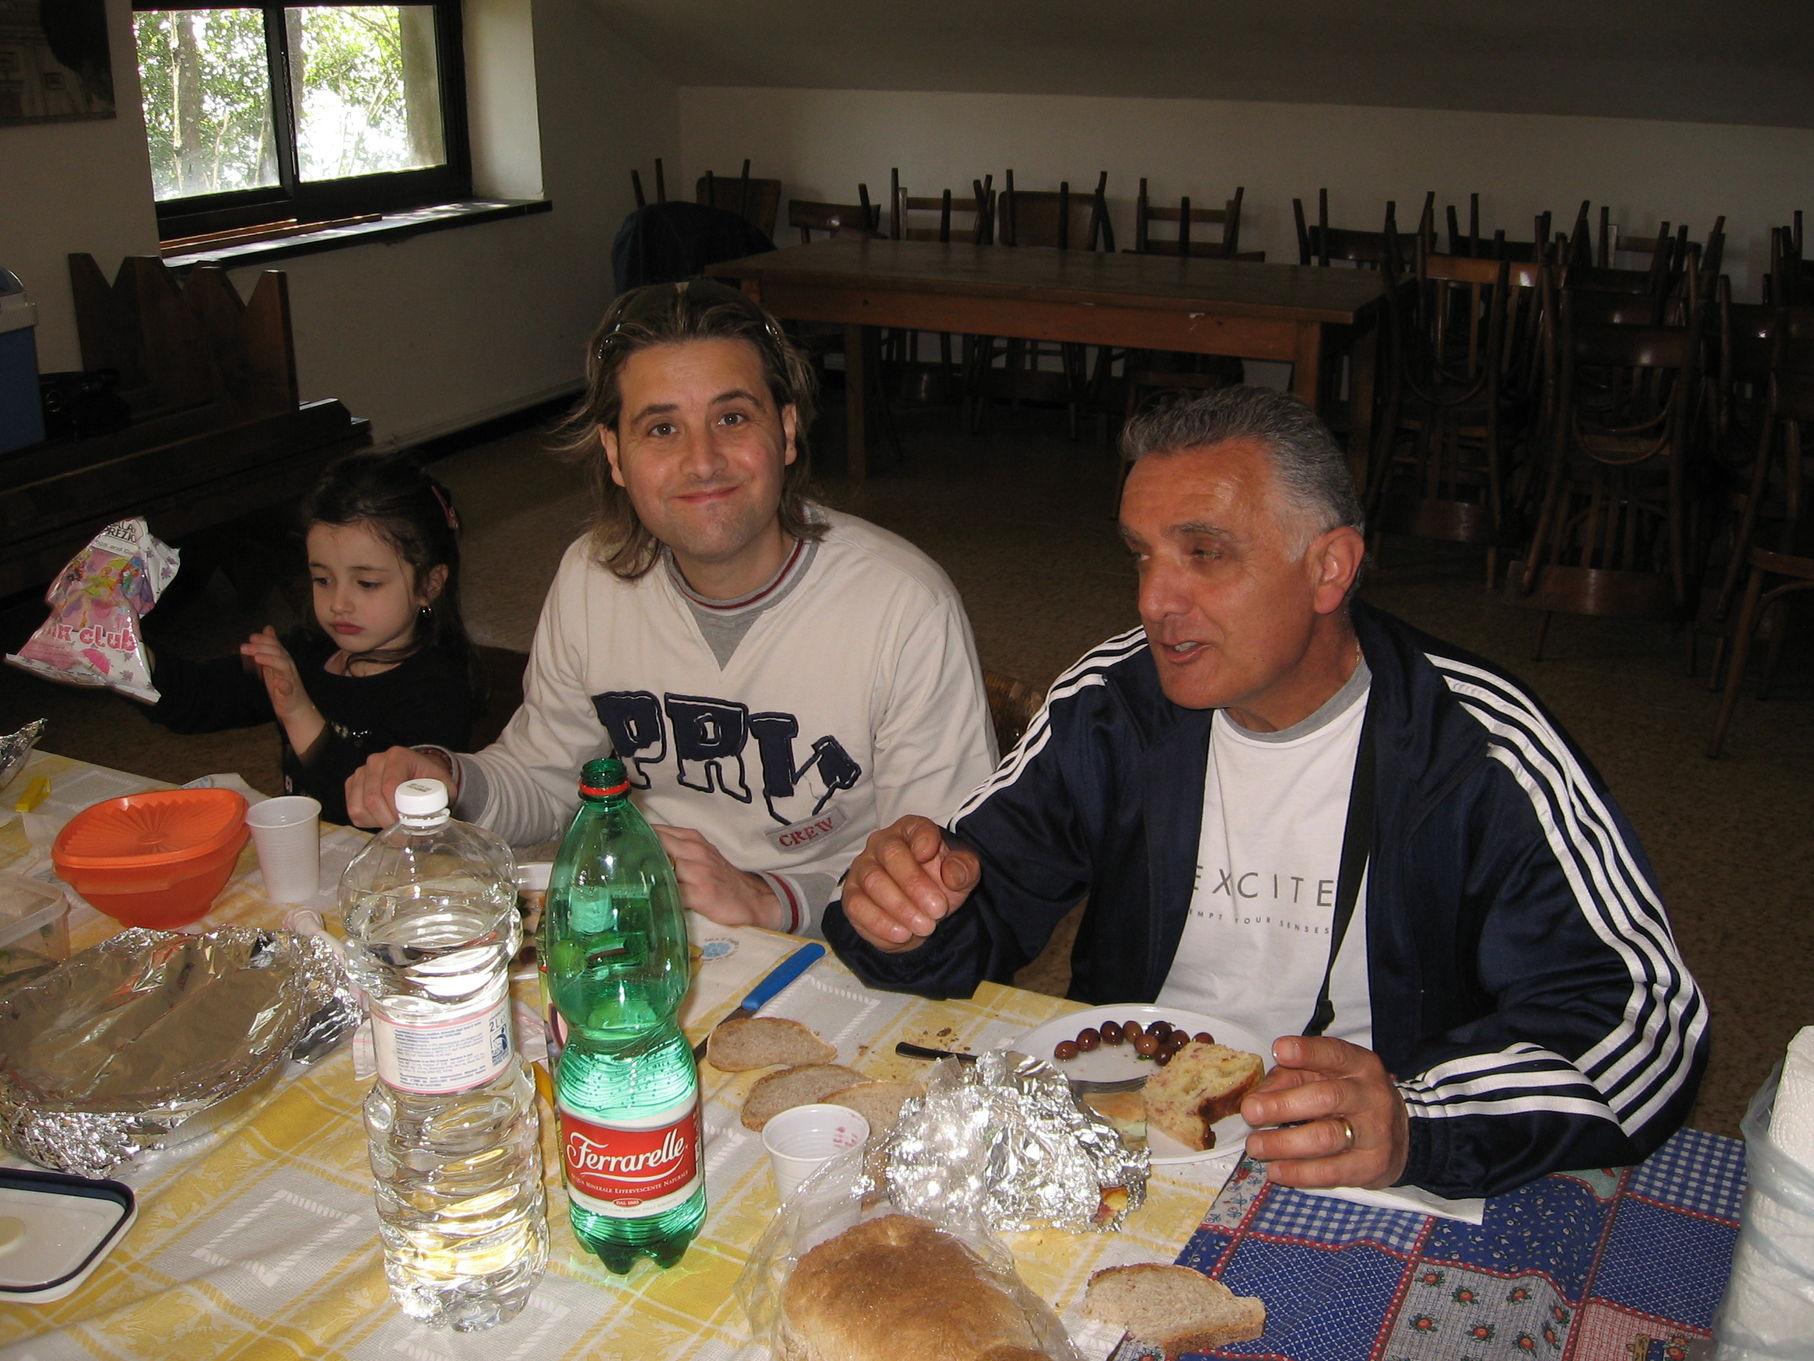 Montallegro-2009-04-13--12.26.21.jpg